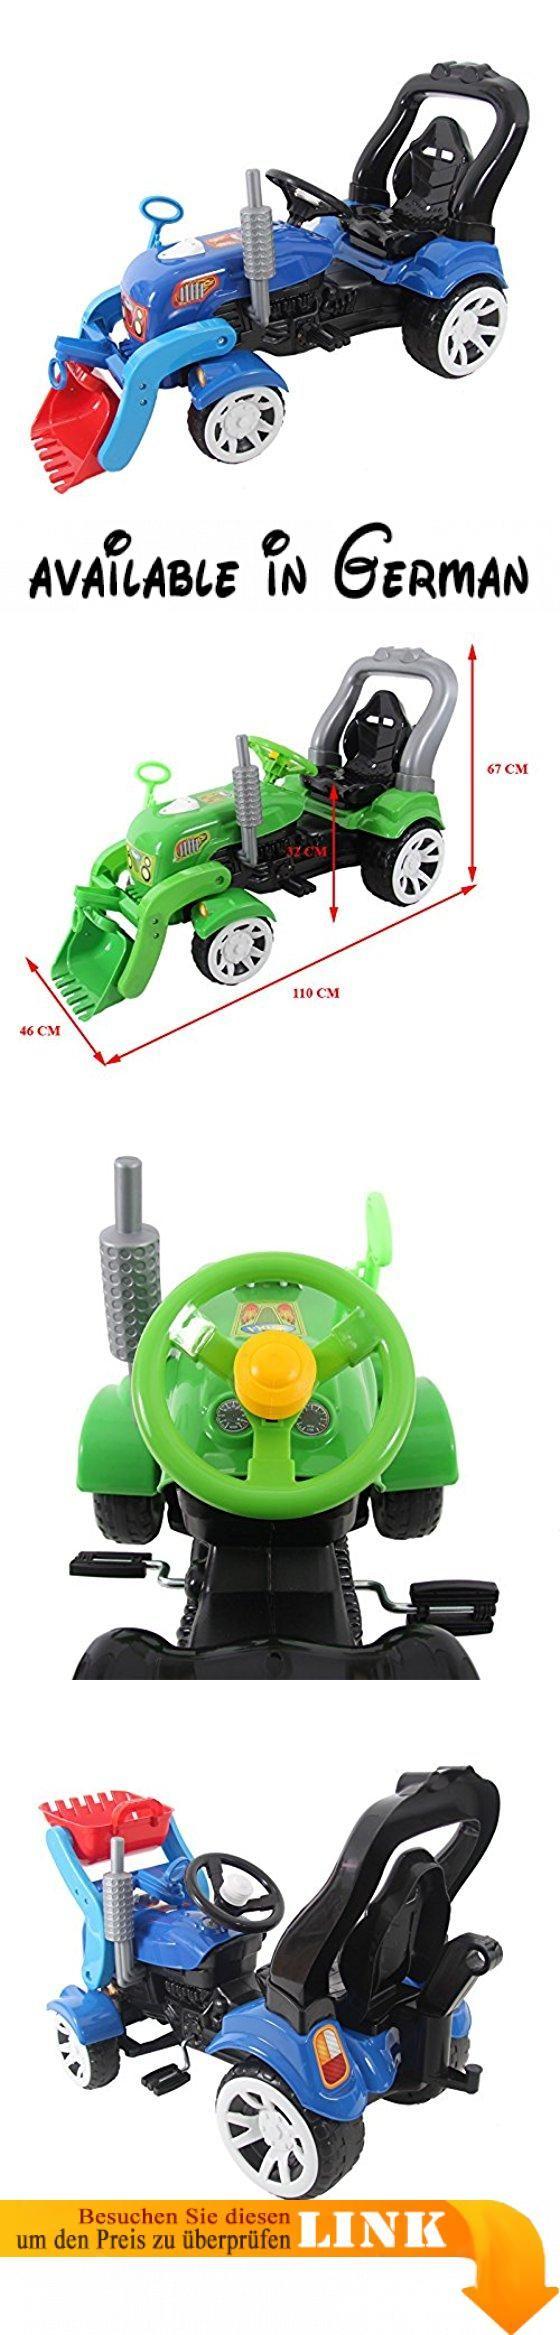 """Radlader Bagger 110cm Kindertraktor Trettraktor Tretauto Tretfahrzeug Traktor (blau). Unterstützung im Garten bekommen Eltern von ihrem Nachwuchs mit diesem Tretttraktor-Radlader """"Farmer""""! Der Trettraktor in verschiedenen Farbvariationen zur Auswahl  ist ein vielseitiger Traktor für langes und unbeschwertes Spielvergnügen.. Maße (L/B/H): ca. 110 x 46 x 67cm / Sitzhöhe: ca. 32 cm. der robuste Traktor mit Pedalantrieb ist mit einem bequemen Sitz ausgestattet. Farben vom"""